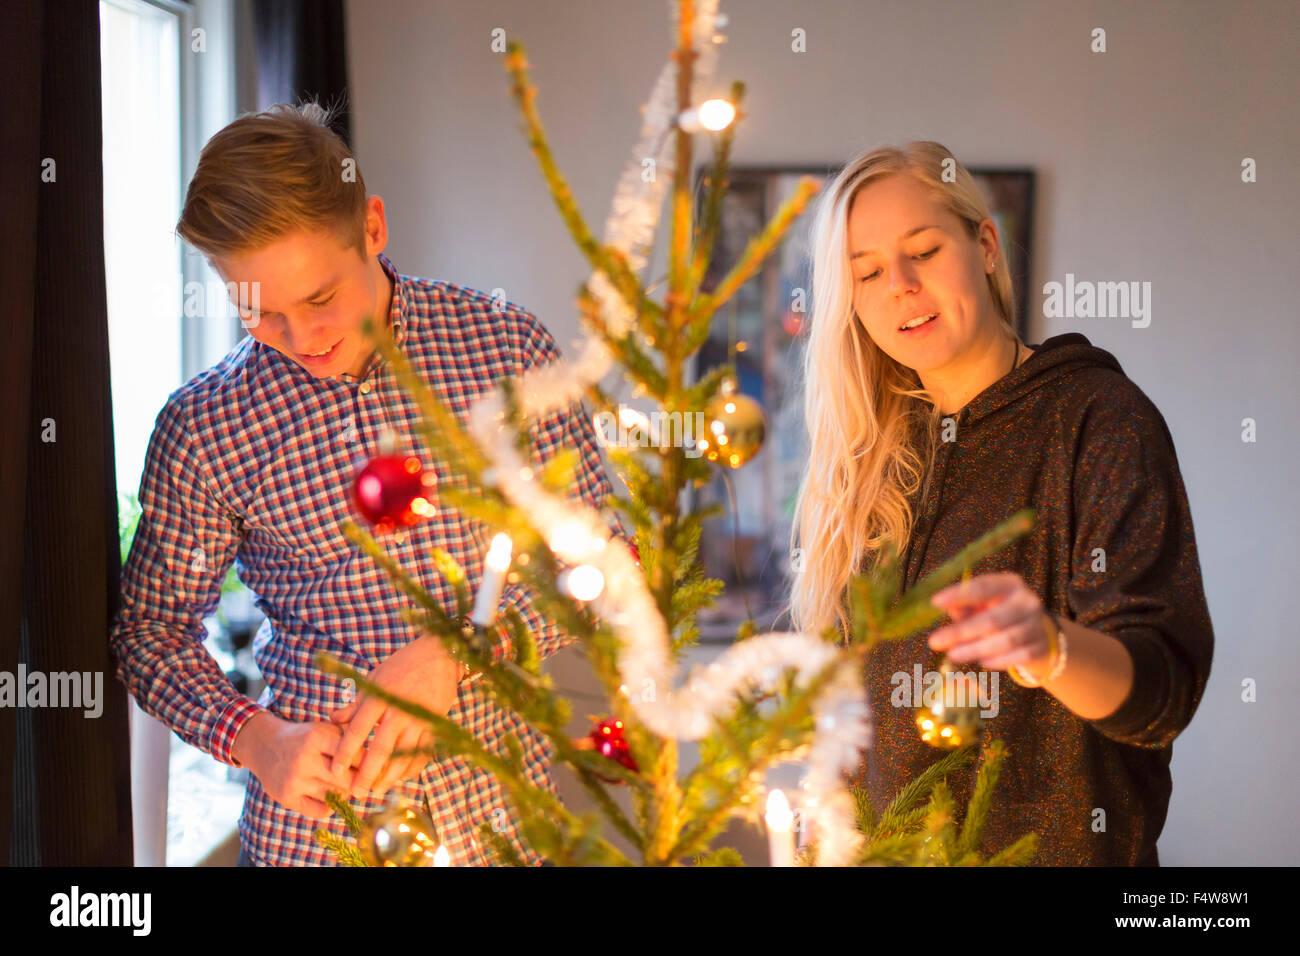 Par decorar árbol de Navidad Imagen De Stock